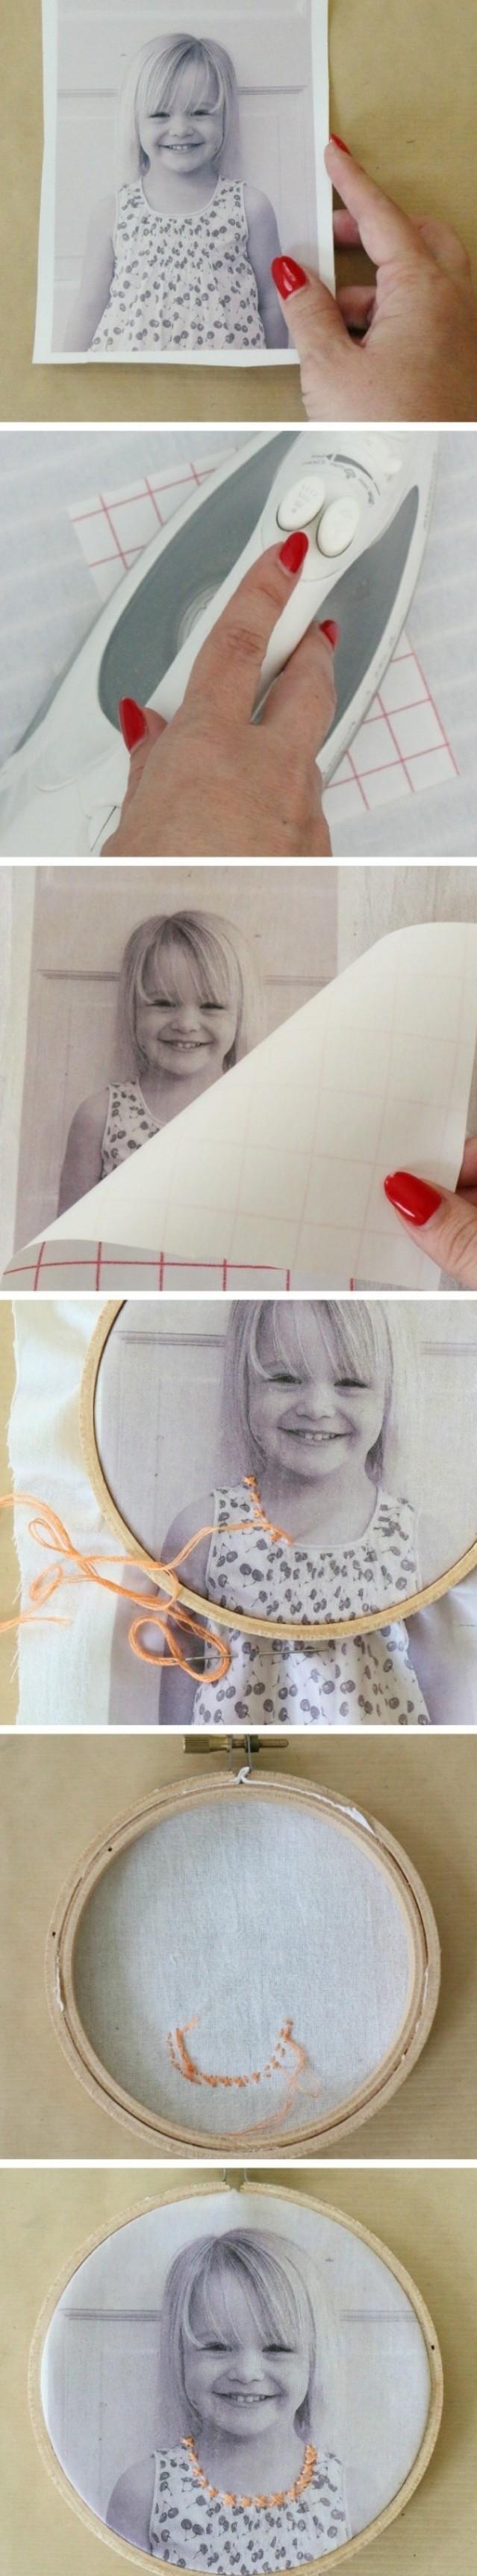 cadre-photo-avec-decoration-en-broderie-fabriquer-un-cadre-photo-personnalise-rond-en-bois